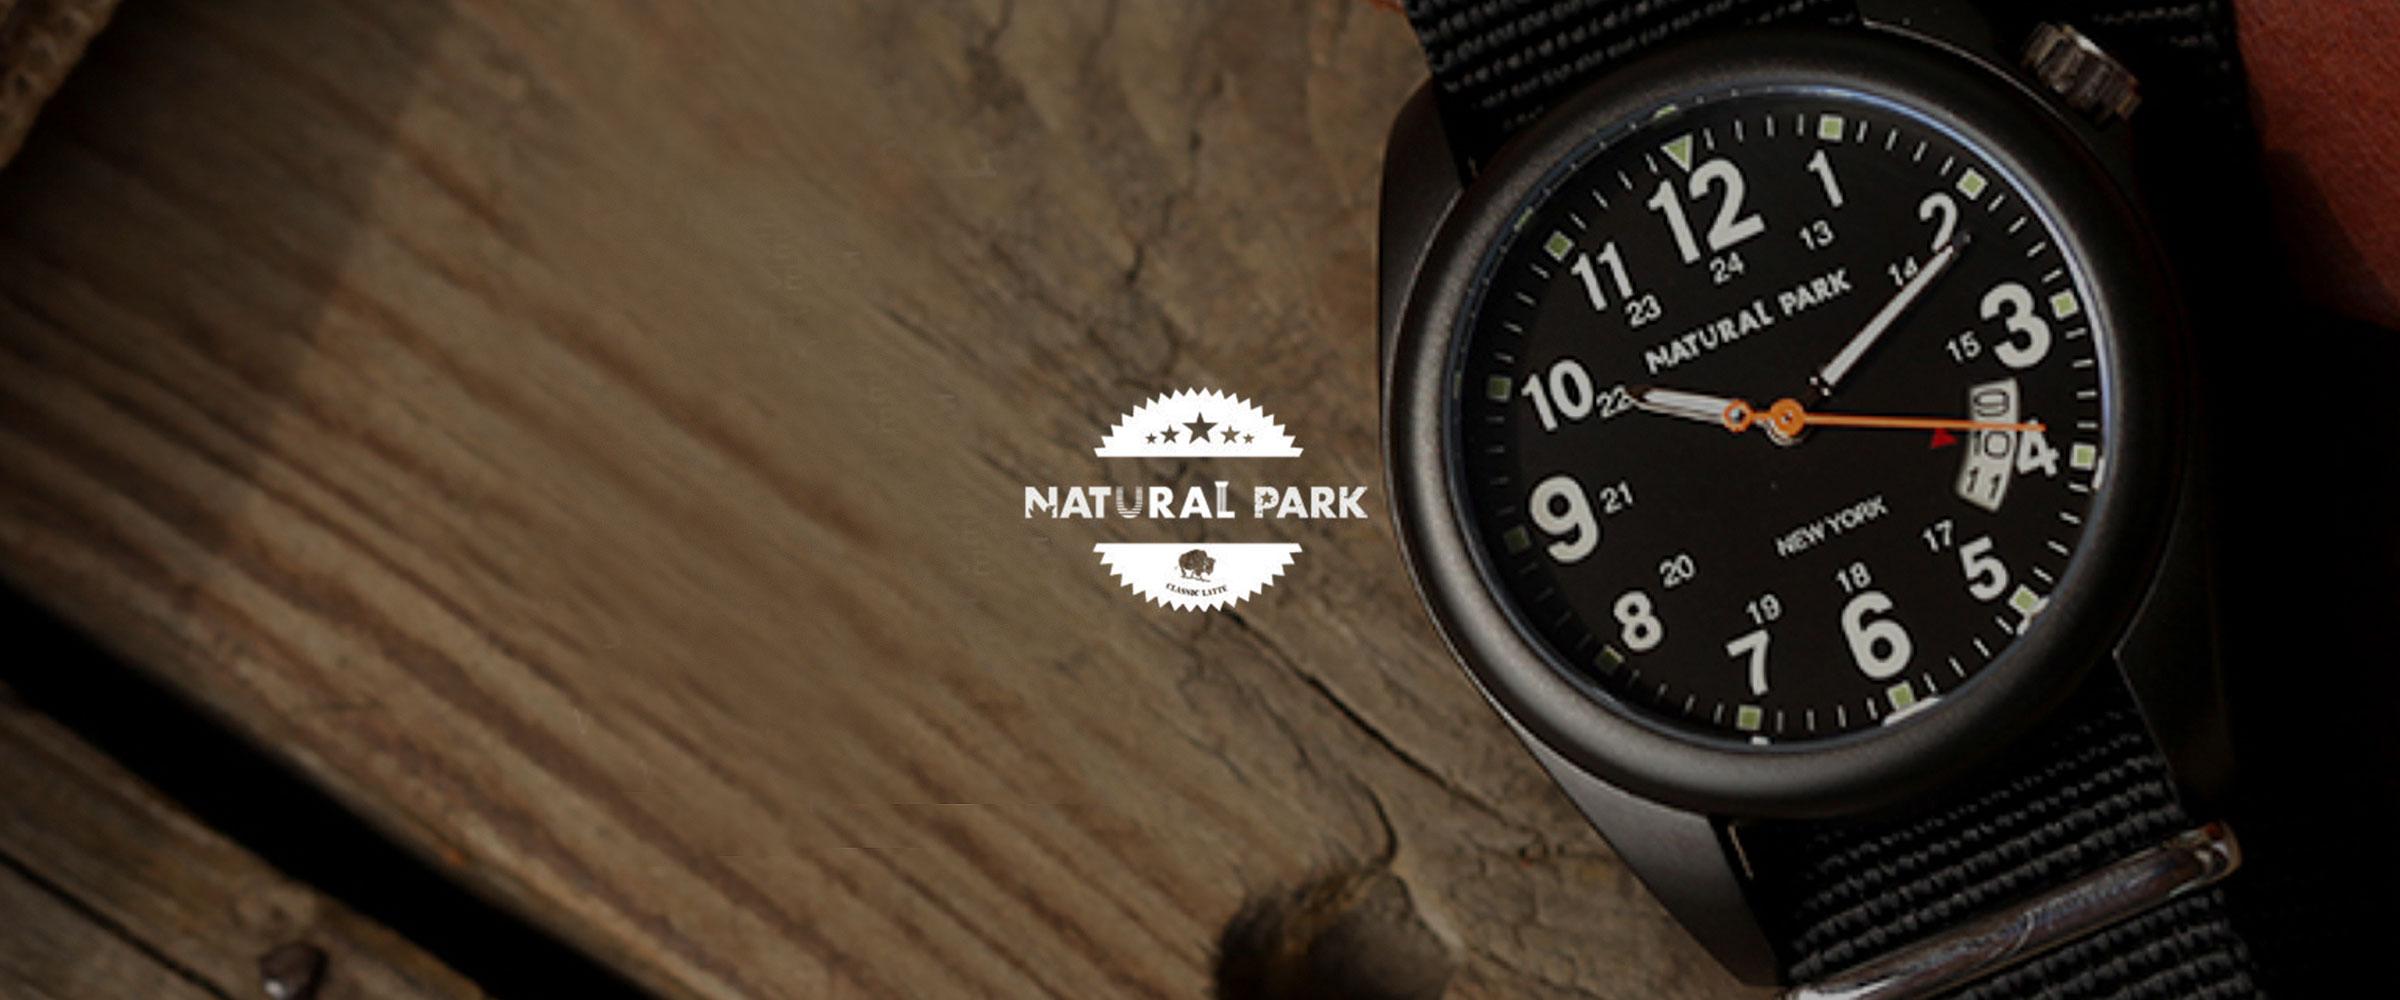 naturalpark.jpg